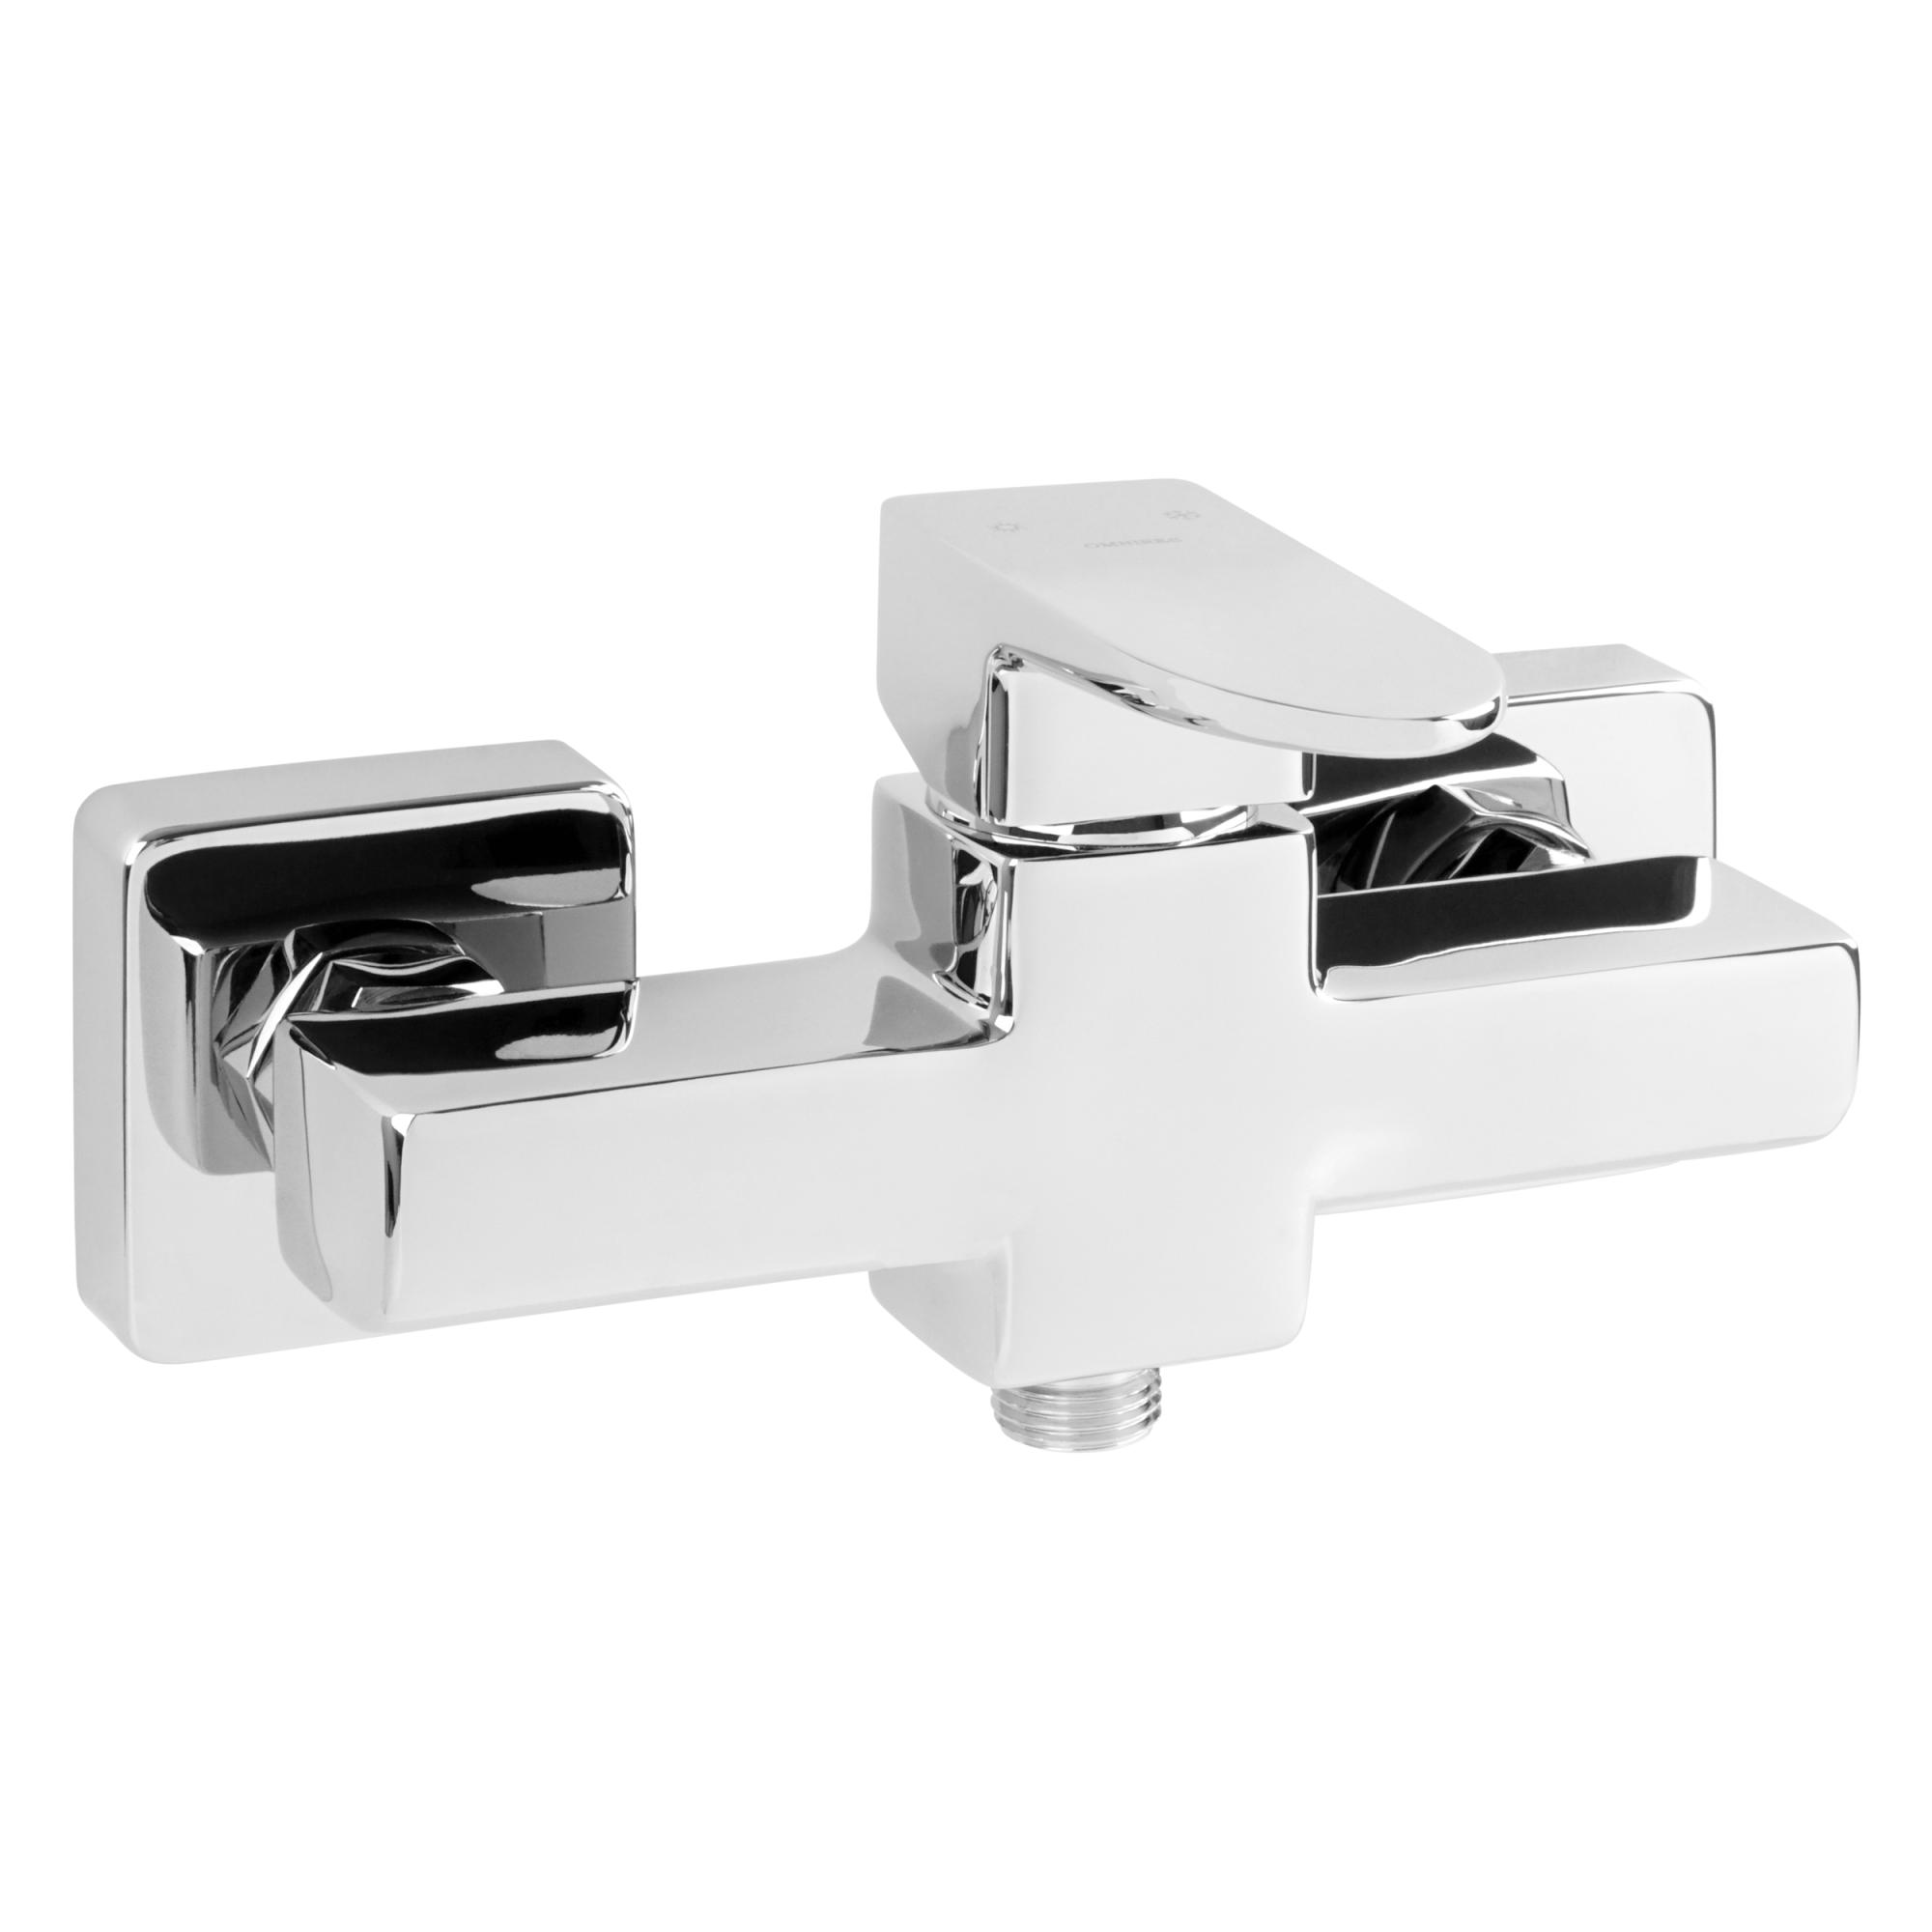 Змішувачі для ванної кімнати від європейських виробників